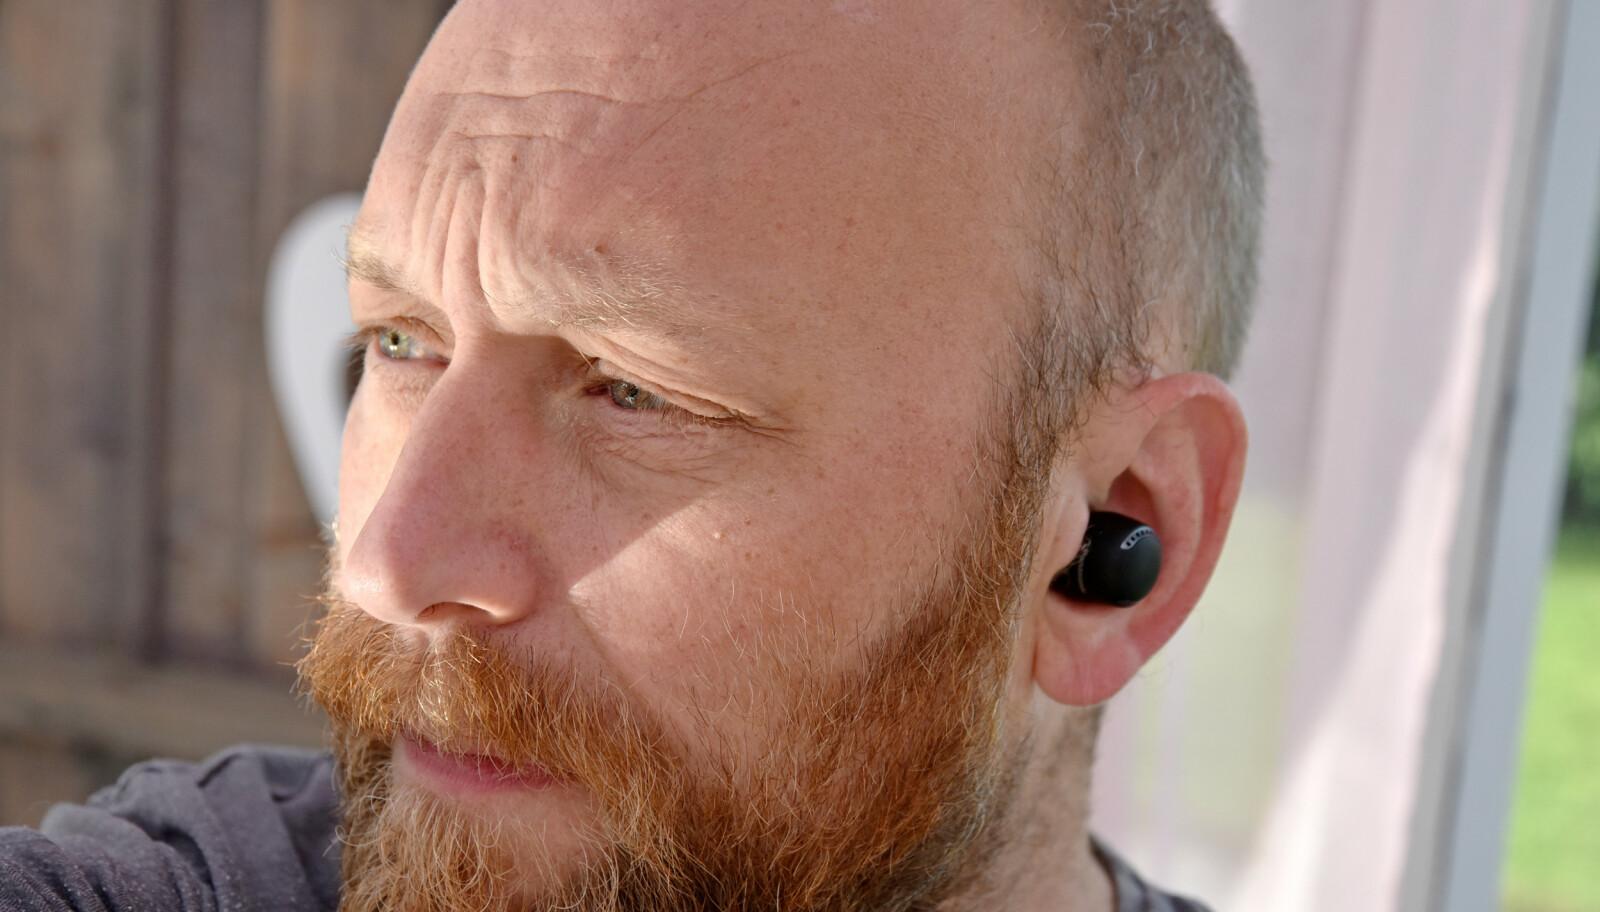 <strong>SYNES GODT:</strong> Panasonic RZ-S500W-proppene stikker godt ut av øret, men sitter godt, selv uten vinger. I pakken får du med fem par øretupper i ulike størrelser. Foto: Pål Joakim Pollen